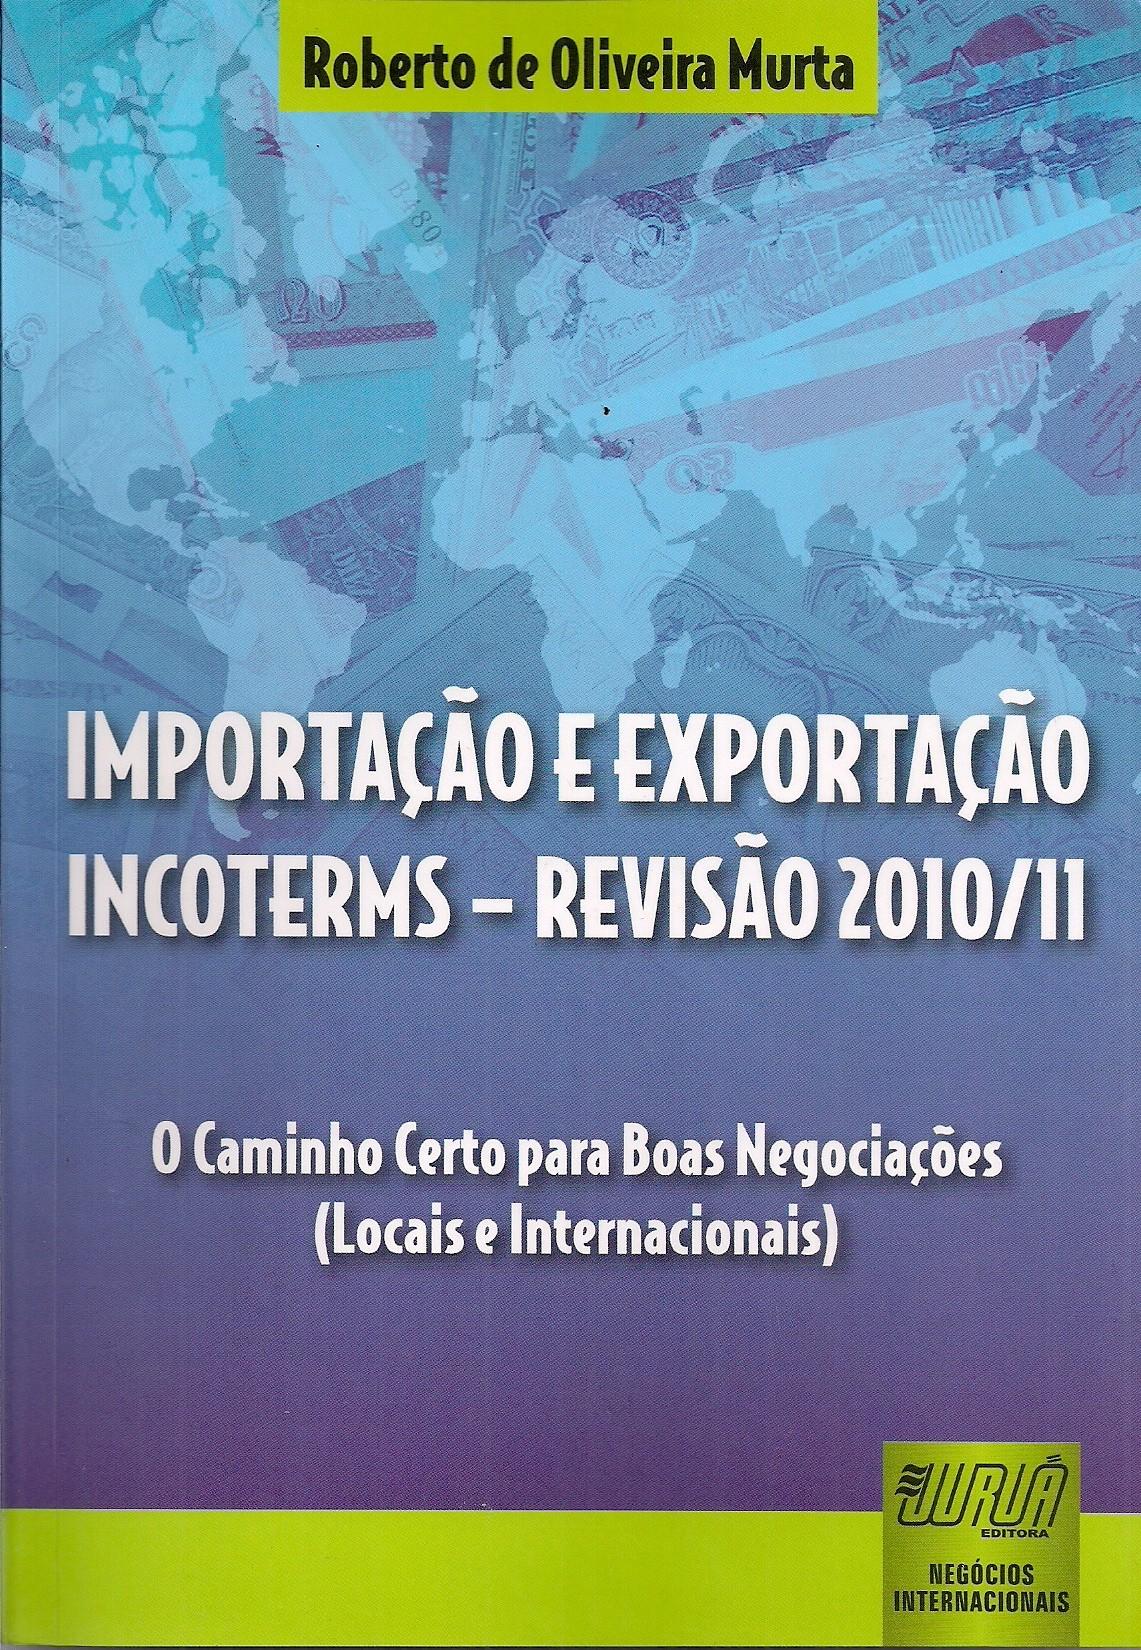 Foto 1 - Importação e Exportação Incoterms - Revisão 2010/11